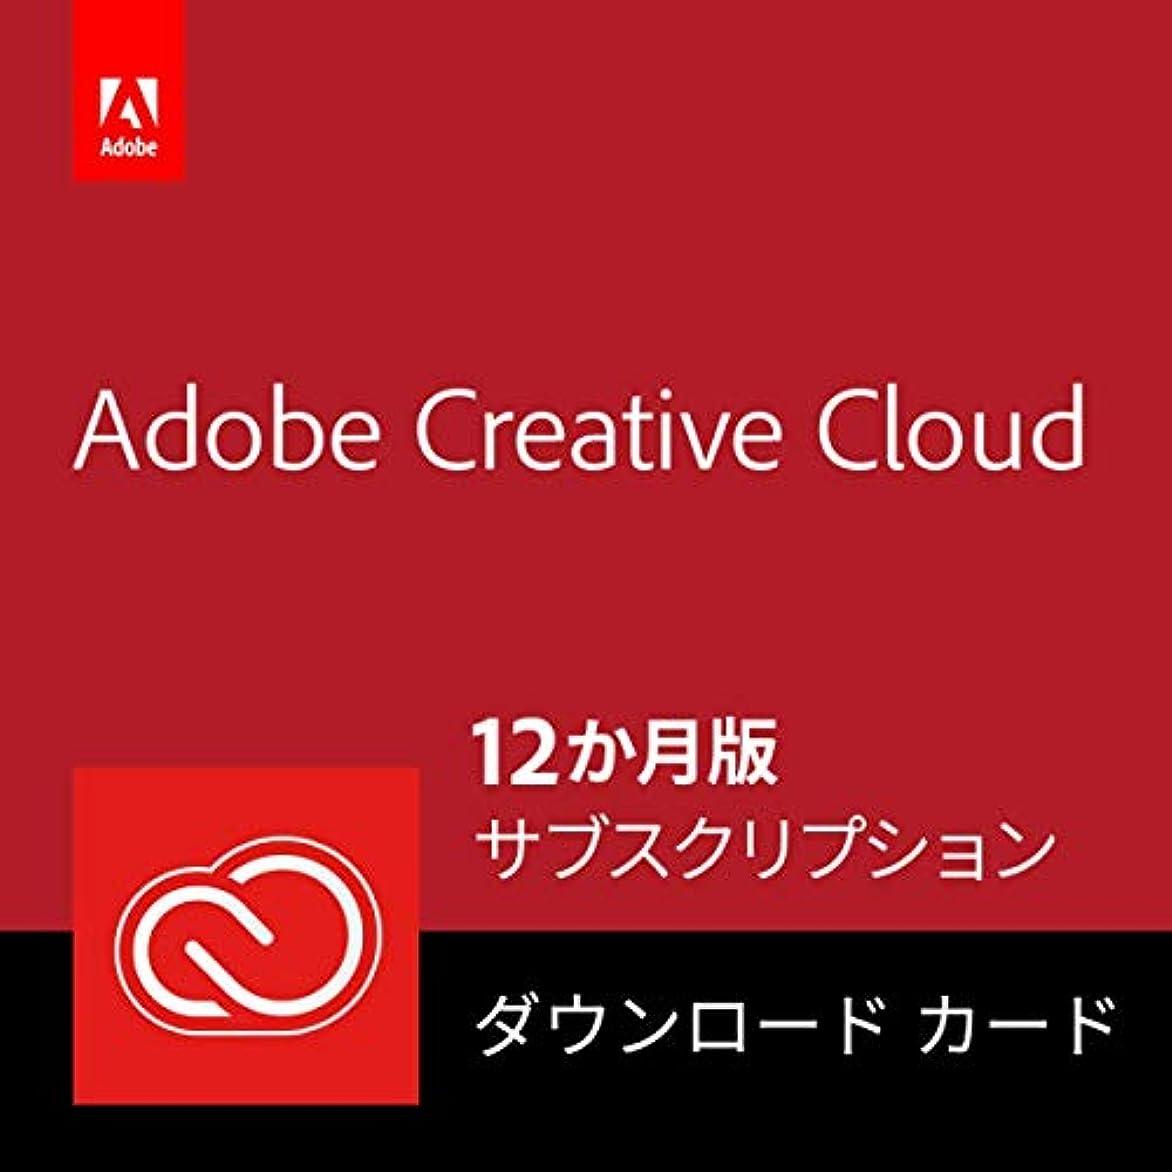 せせらぎ熱心流体Adobe Creative Cloud コンプリート|12か月版|Windows/Mac対応|パッケージ(カード)コード版